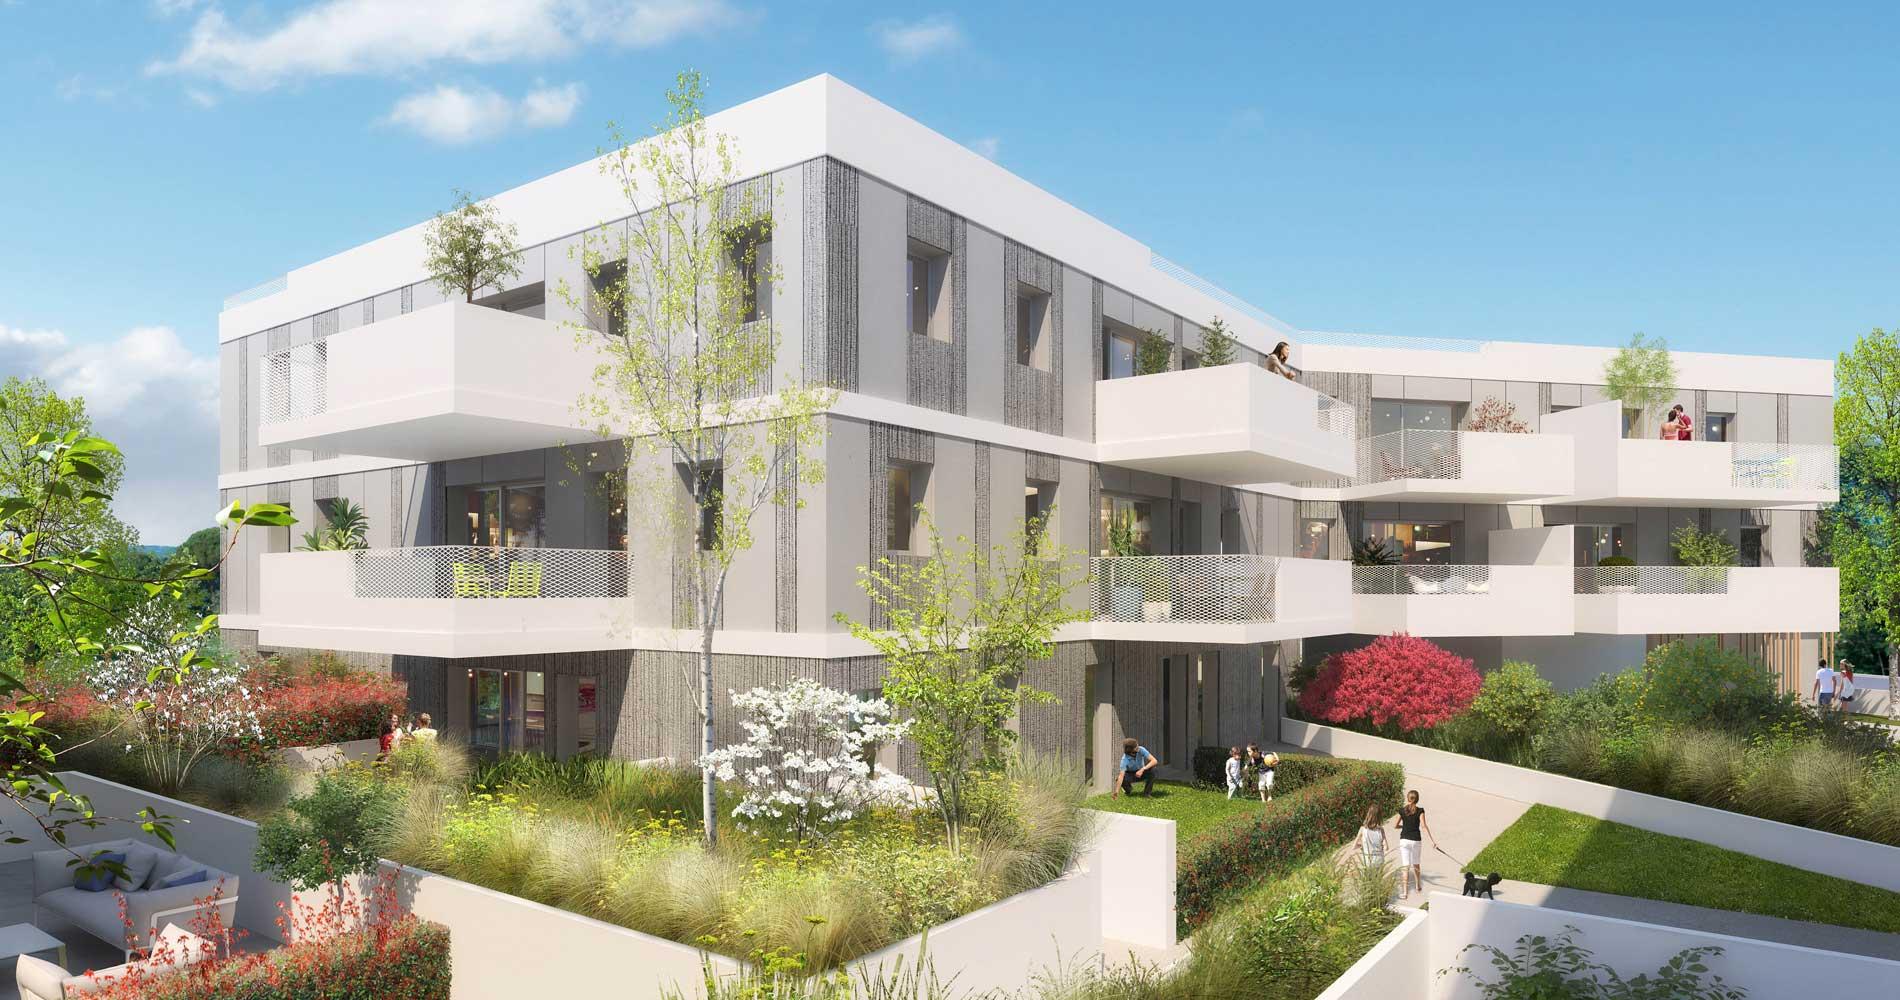 Achat immobilier appartement neuf montpellier s te for Entretien jardin castelnau le lez